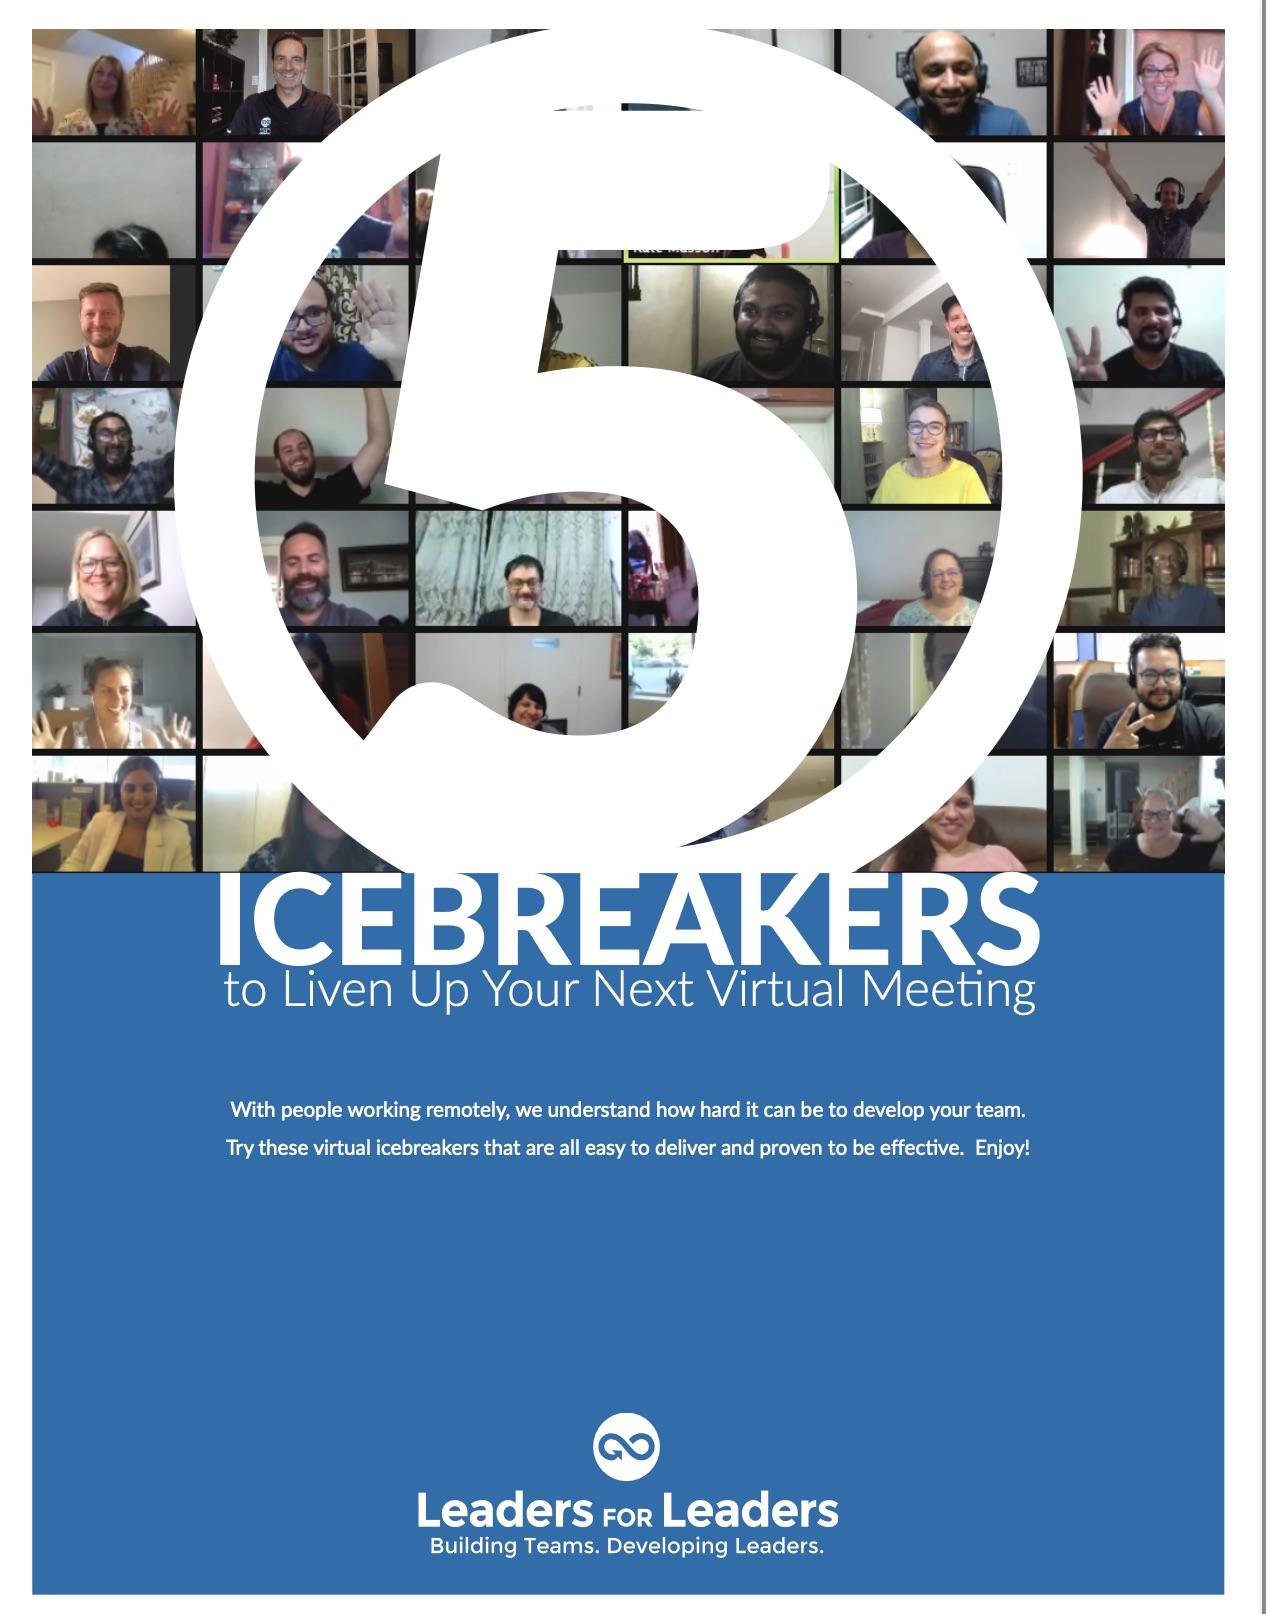 5 Icebreakers for Virtual Meetings